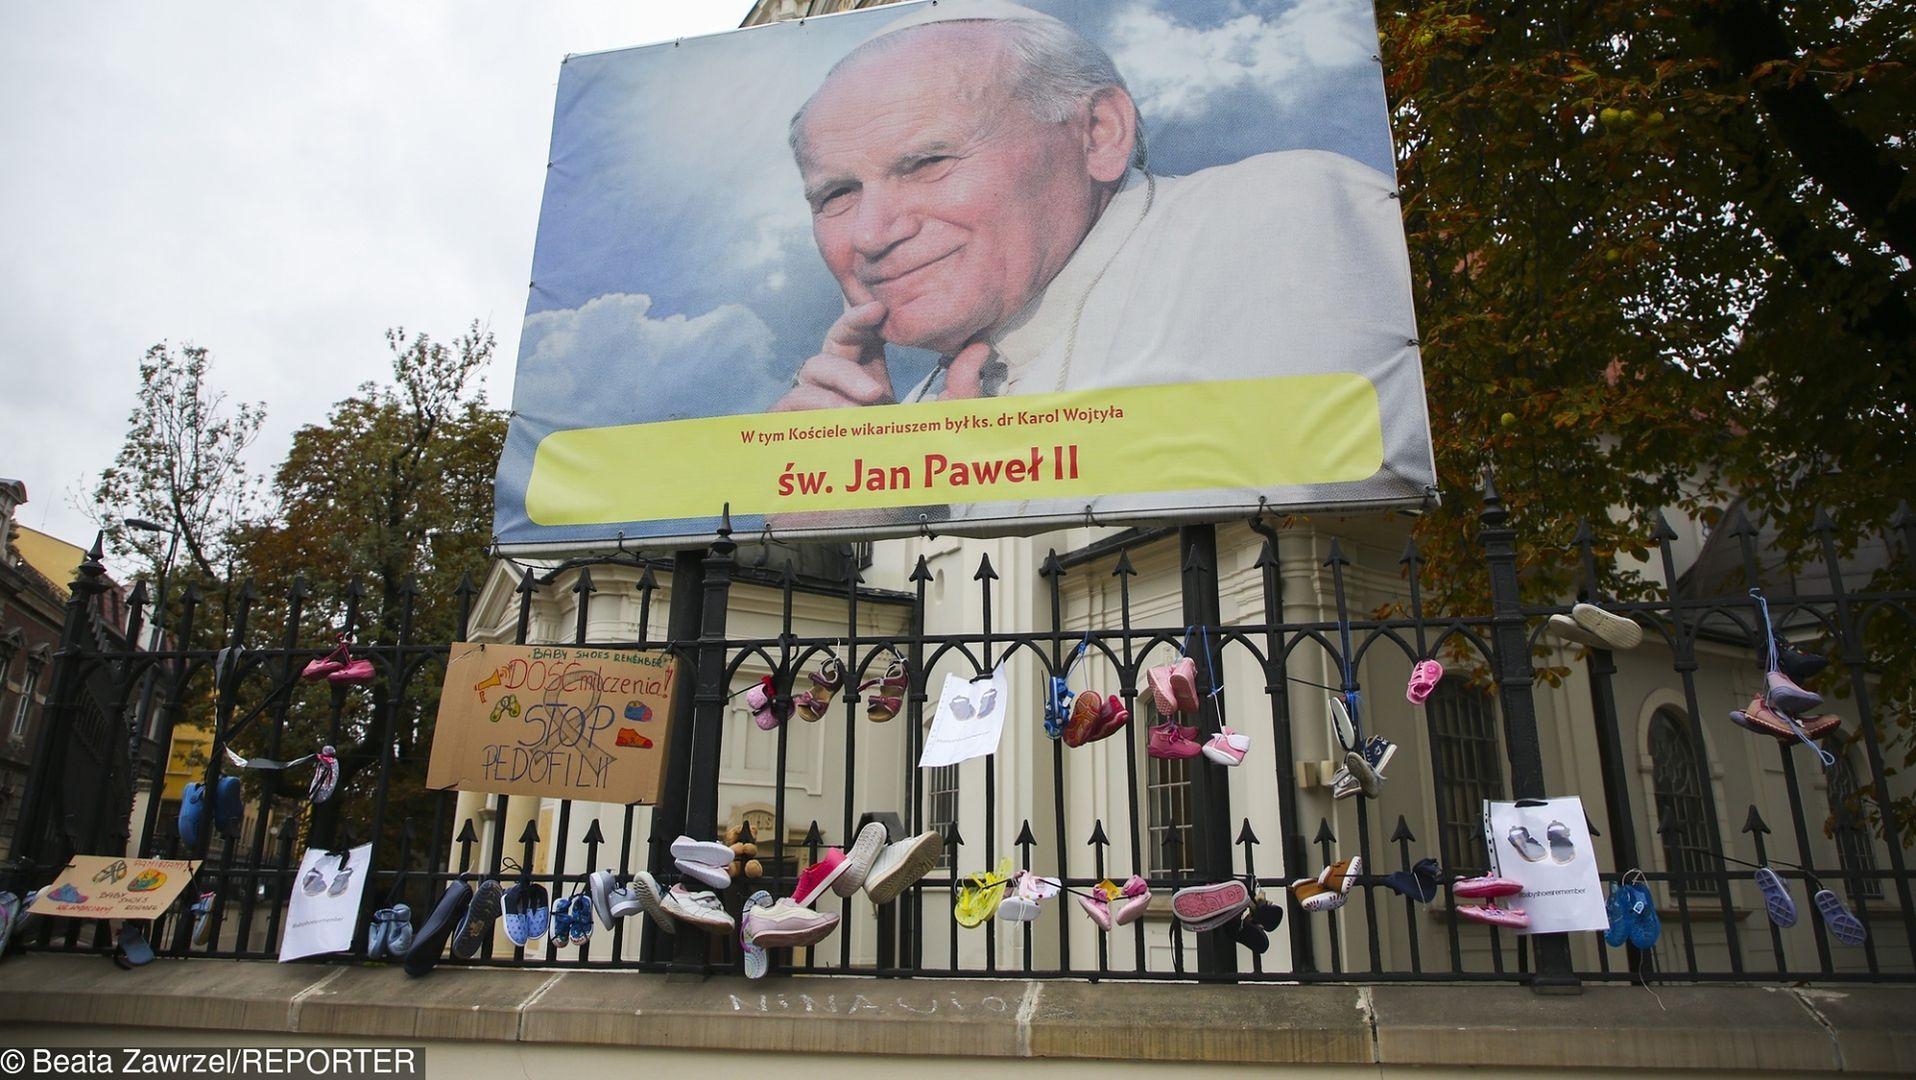 Jan Paweł II wiedział o pedofilii w Kościele. Mógł ukręcić łeb tej hydrze. Dlaczego tego nie zrobił?